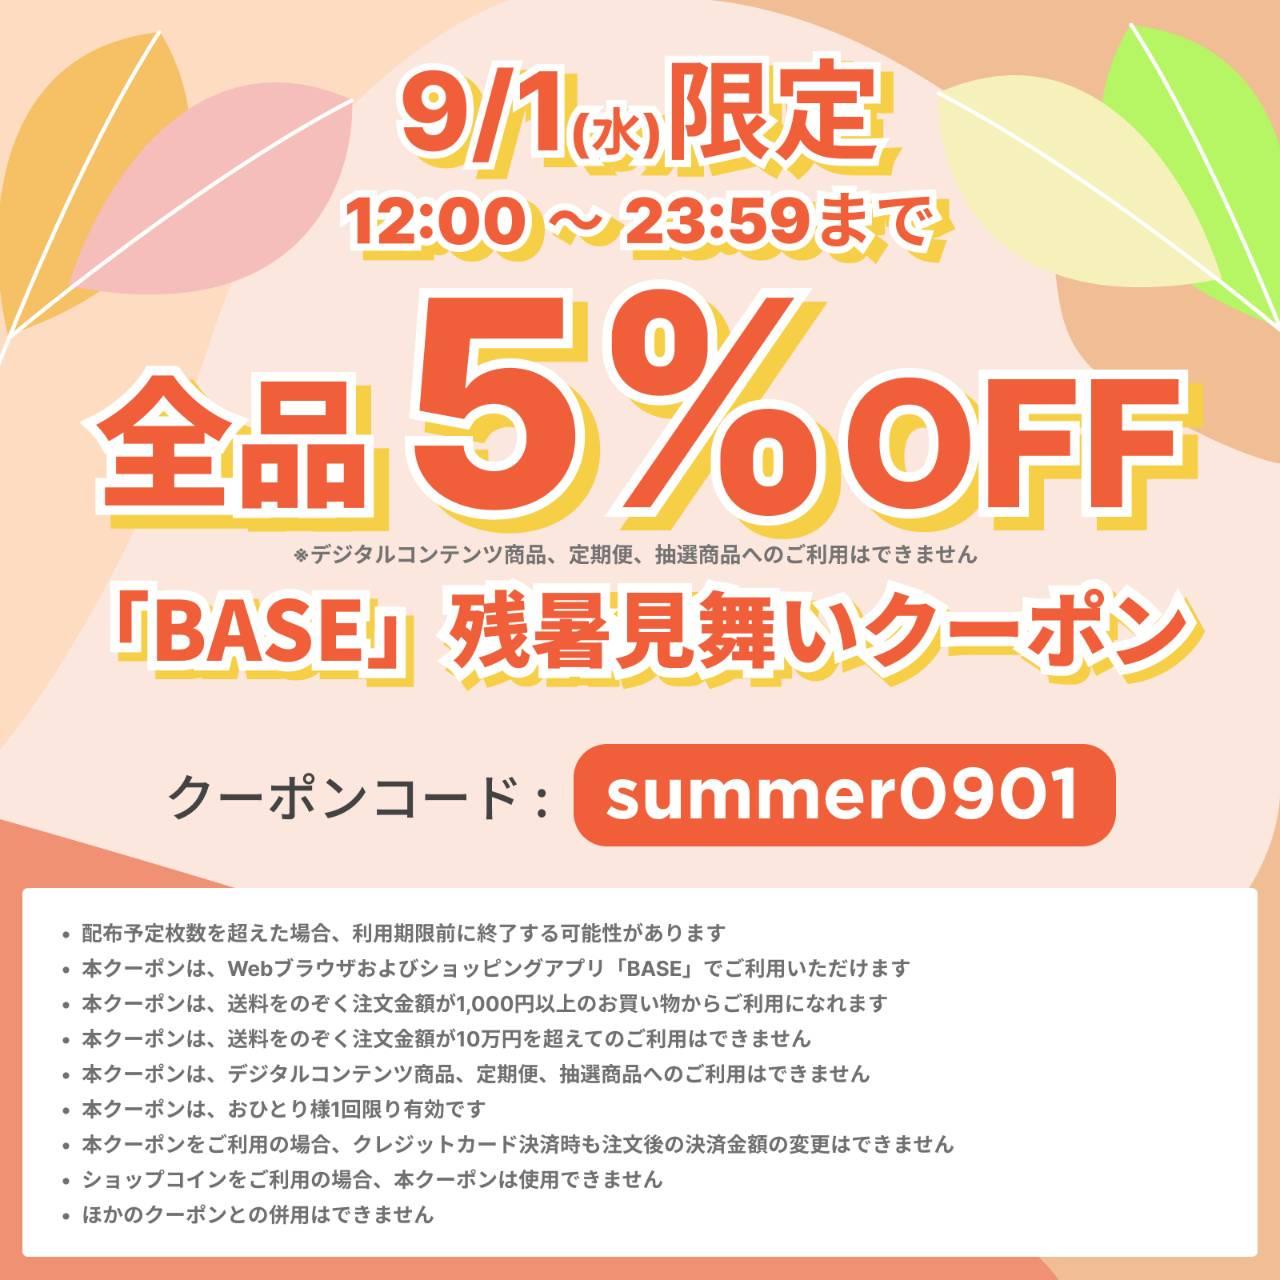 ☀️残暑見舞☀️【全品5%OFF】クーポン 9/1限定